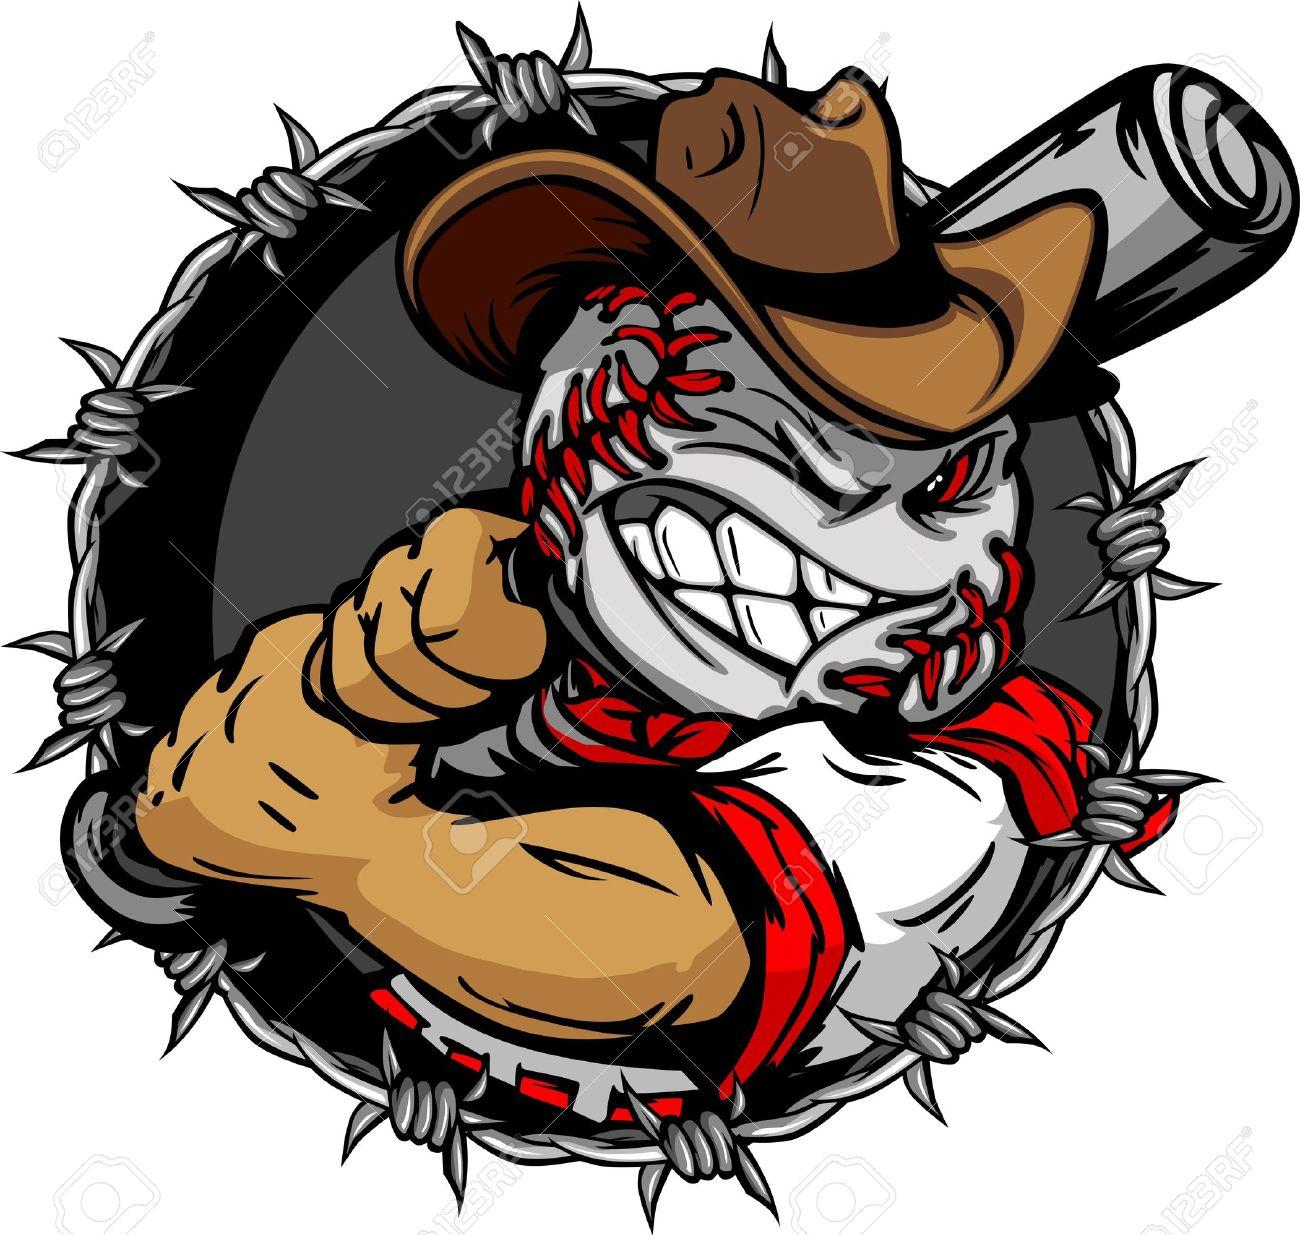 baseball face cartoon cowboy illustration royalty free cliparts